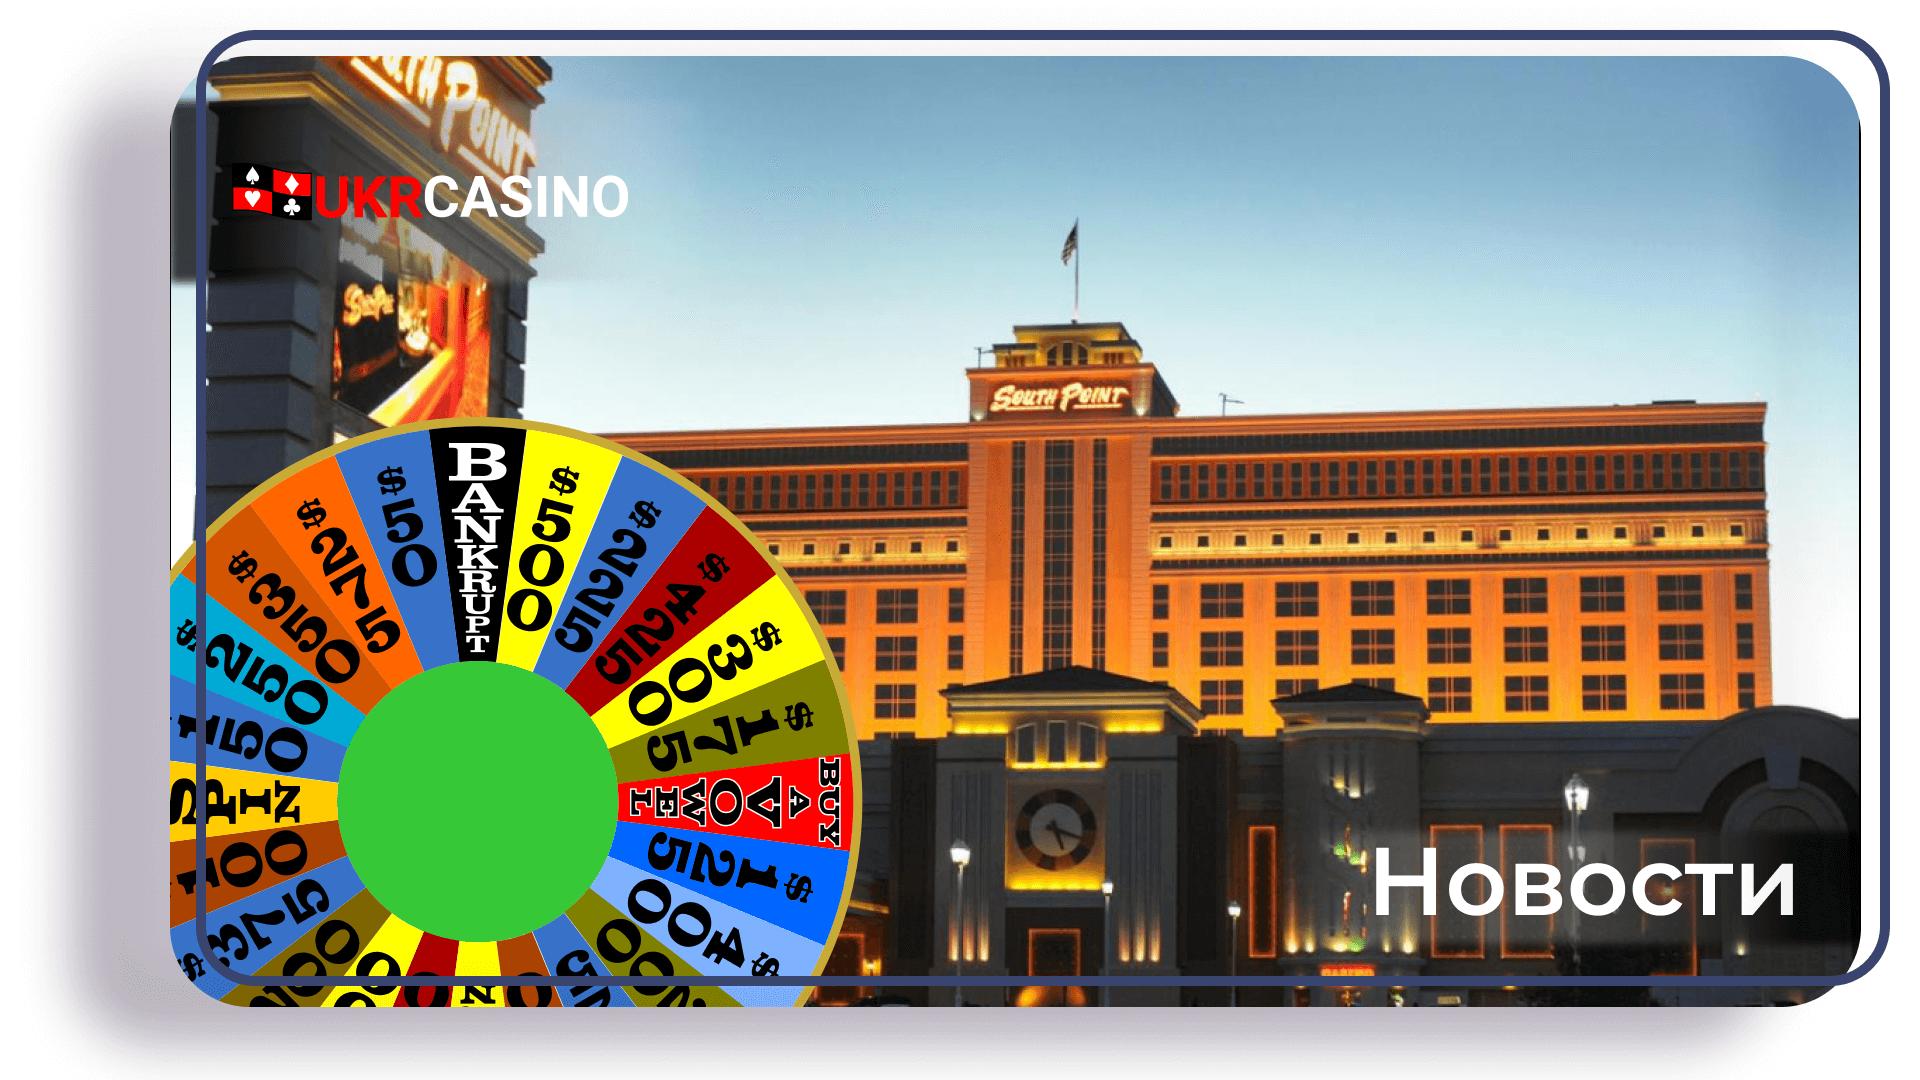 Счастливчик сорвал куш в популярном игровом автомате Лас-Вегаса